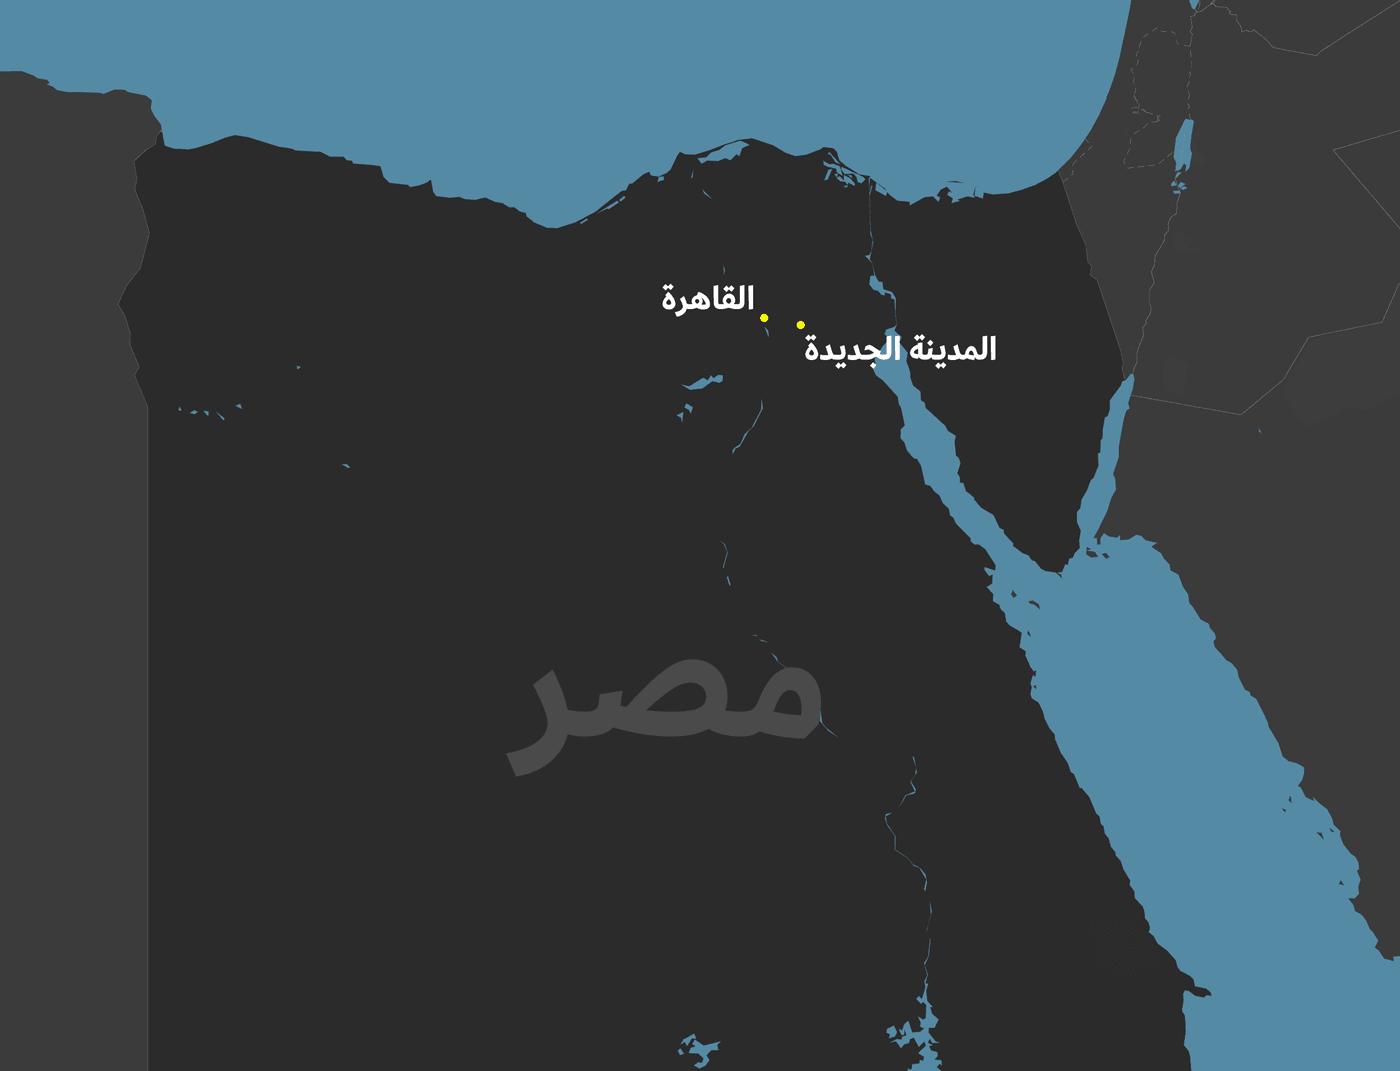 موقع عاصمة مصر الإدارية الجديدة على الخريطة.